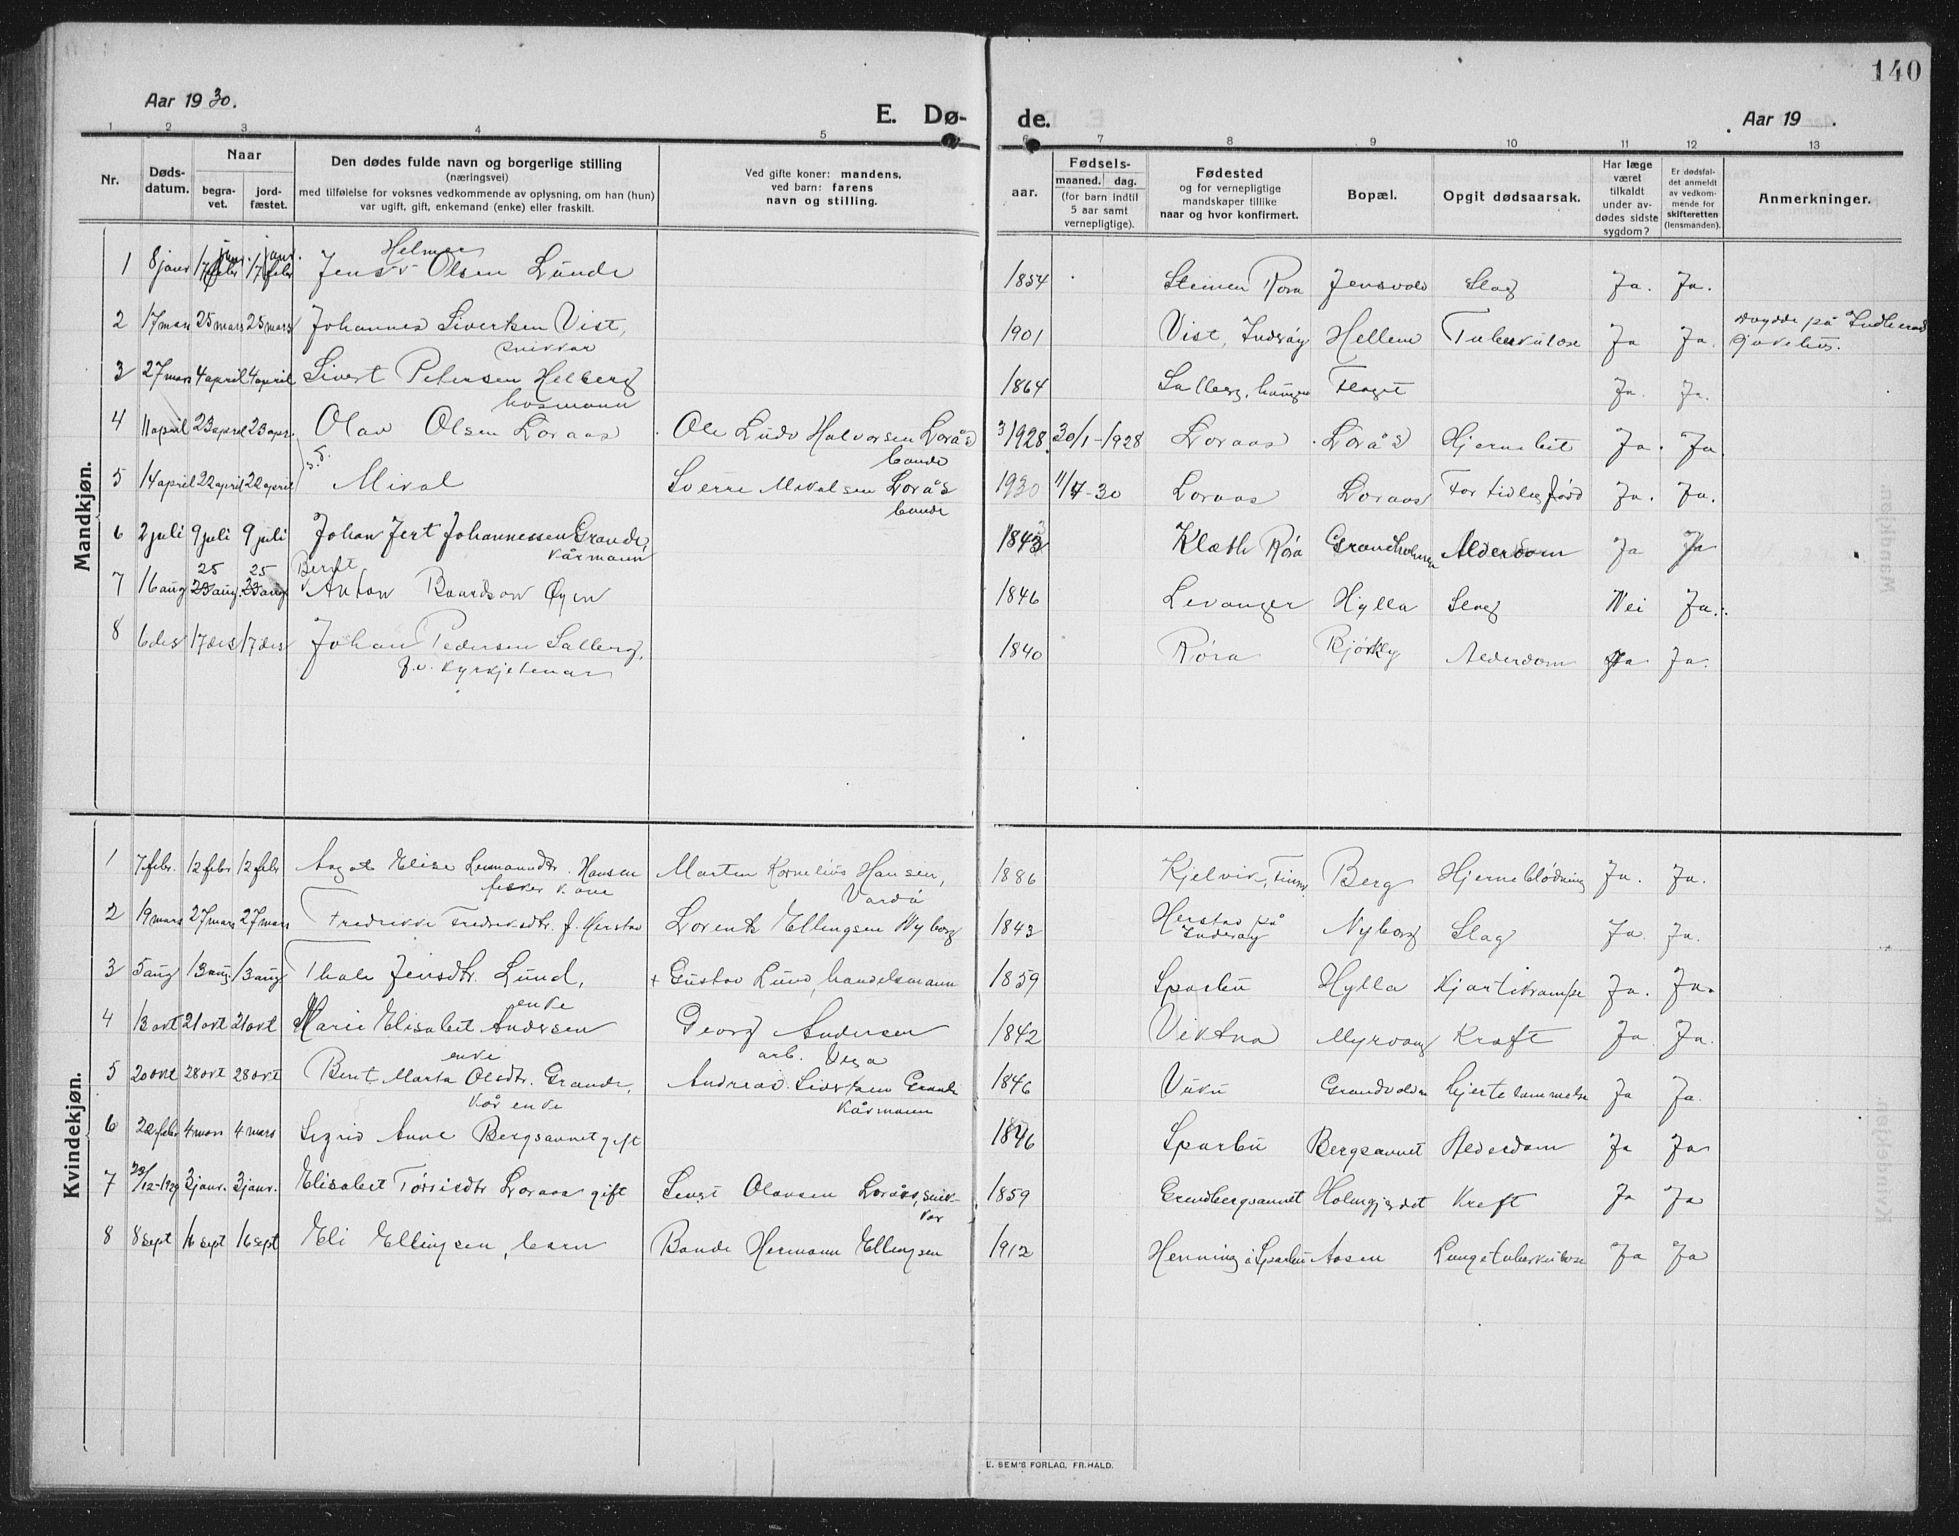 SAT, Ministerialprotokoller, klokkerbøker og fødselsregistre - Nord-Trøndelag, 731/L0312: Klokkerbok nr. 731C03, 1911-1935, s. 140